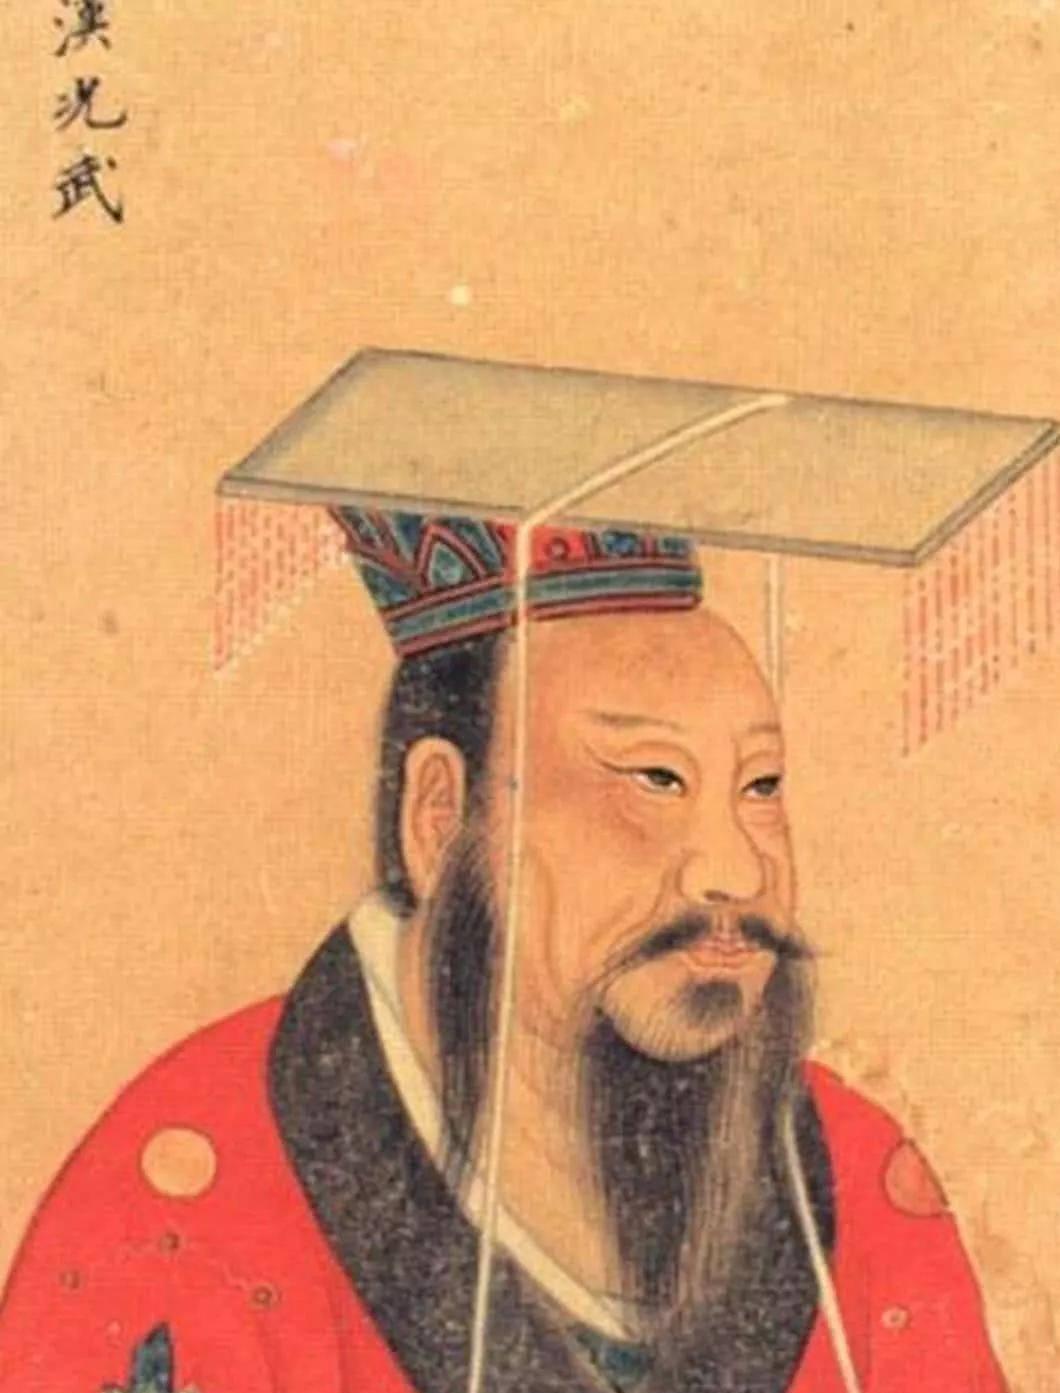 汉光武帝刘秀,东汉的开国皇帝,他的一生是什么样的? 光武帝